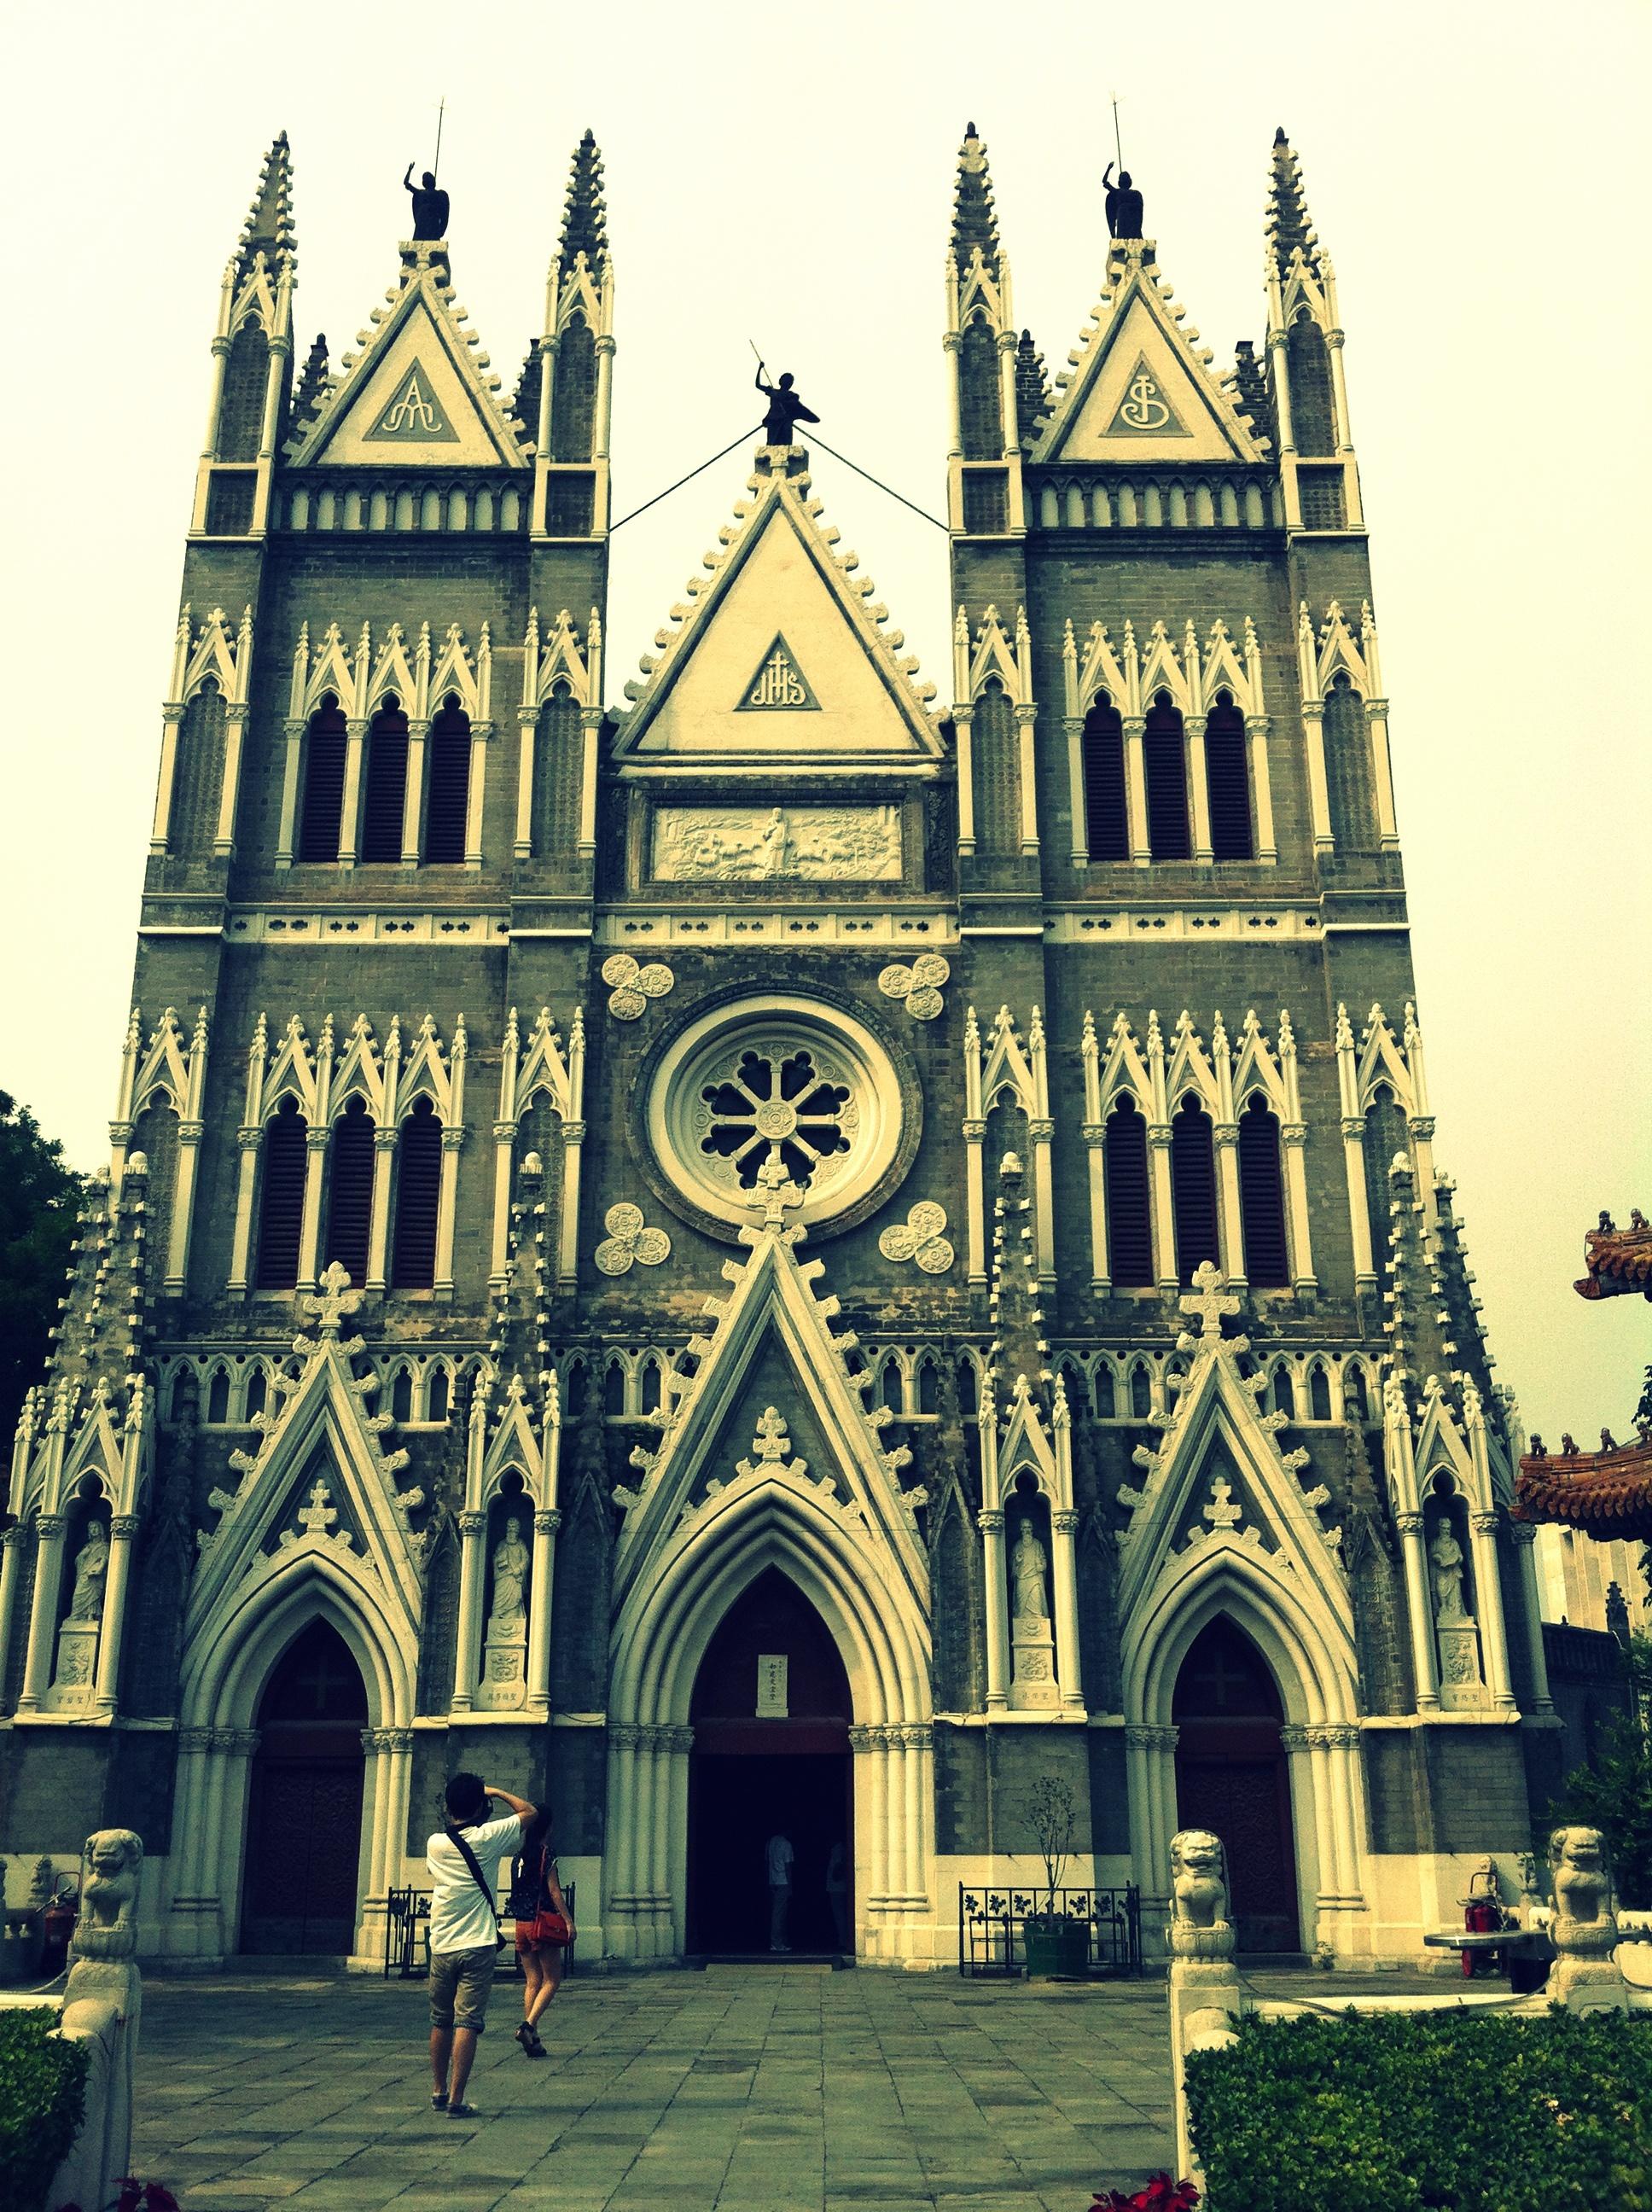 Xishiku Catholic Church